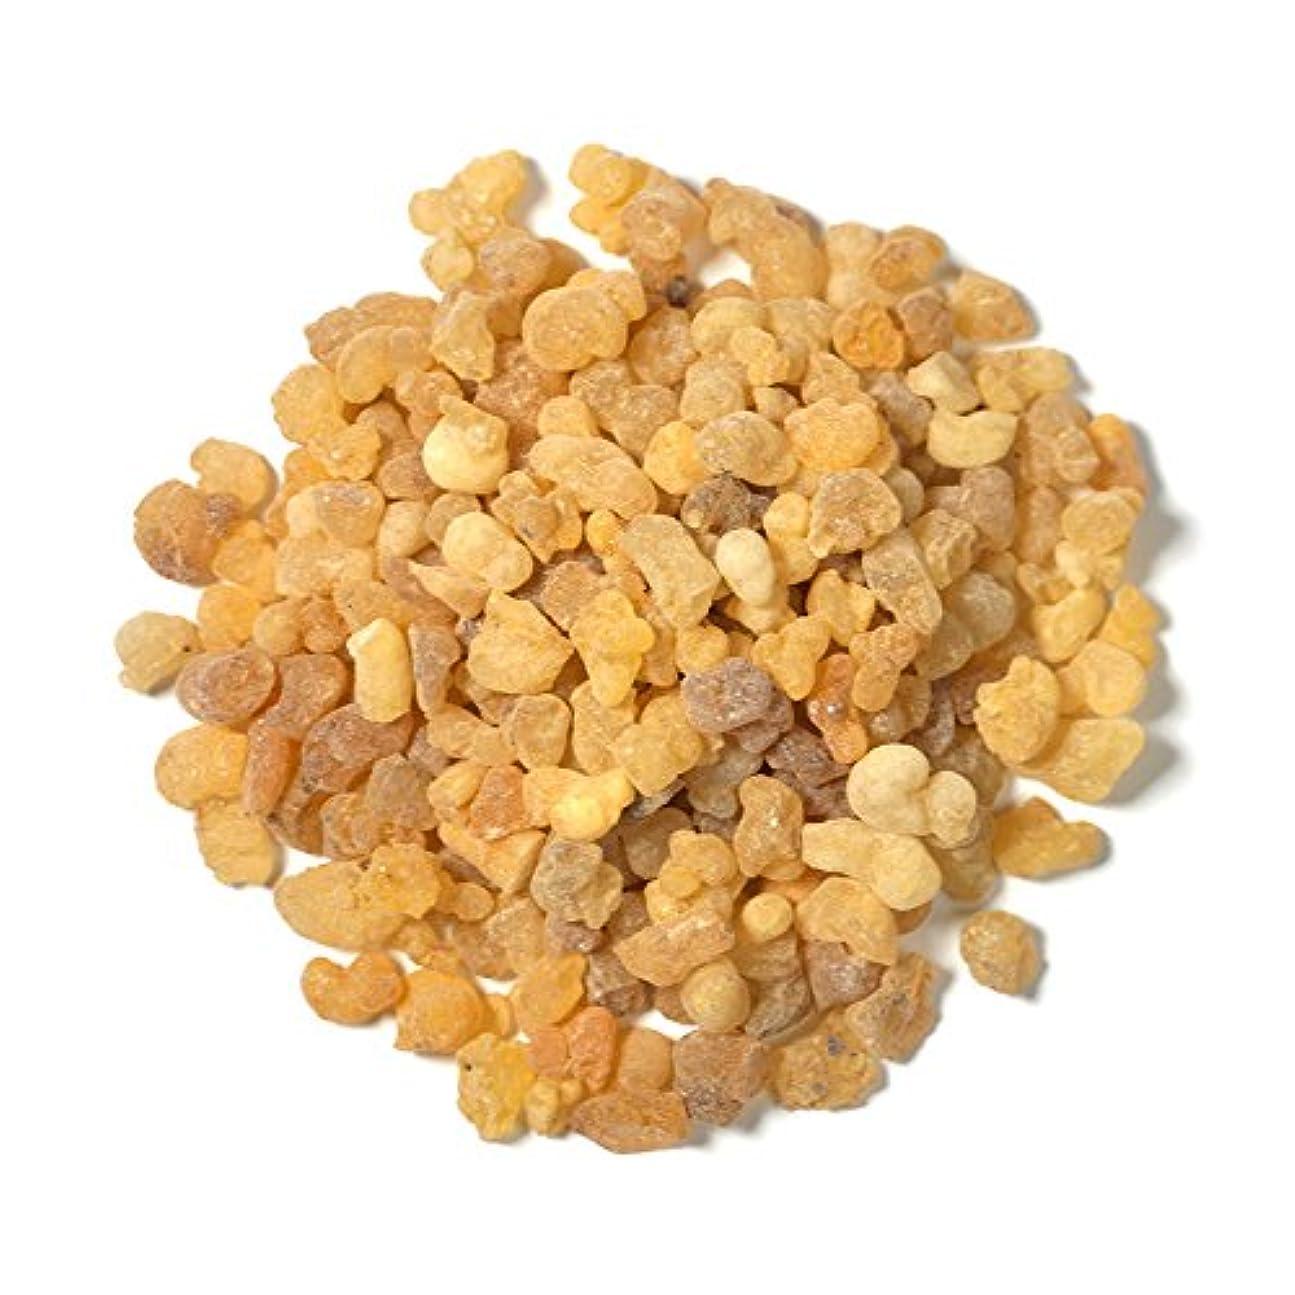 無駄ににおい罪砂漠ゴールドFrankincense by Legacyアイコン 1 OZ DSG-E28G